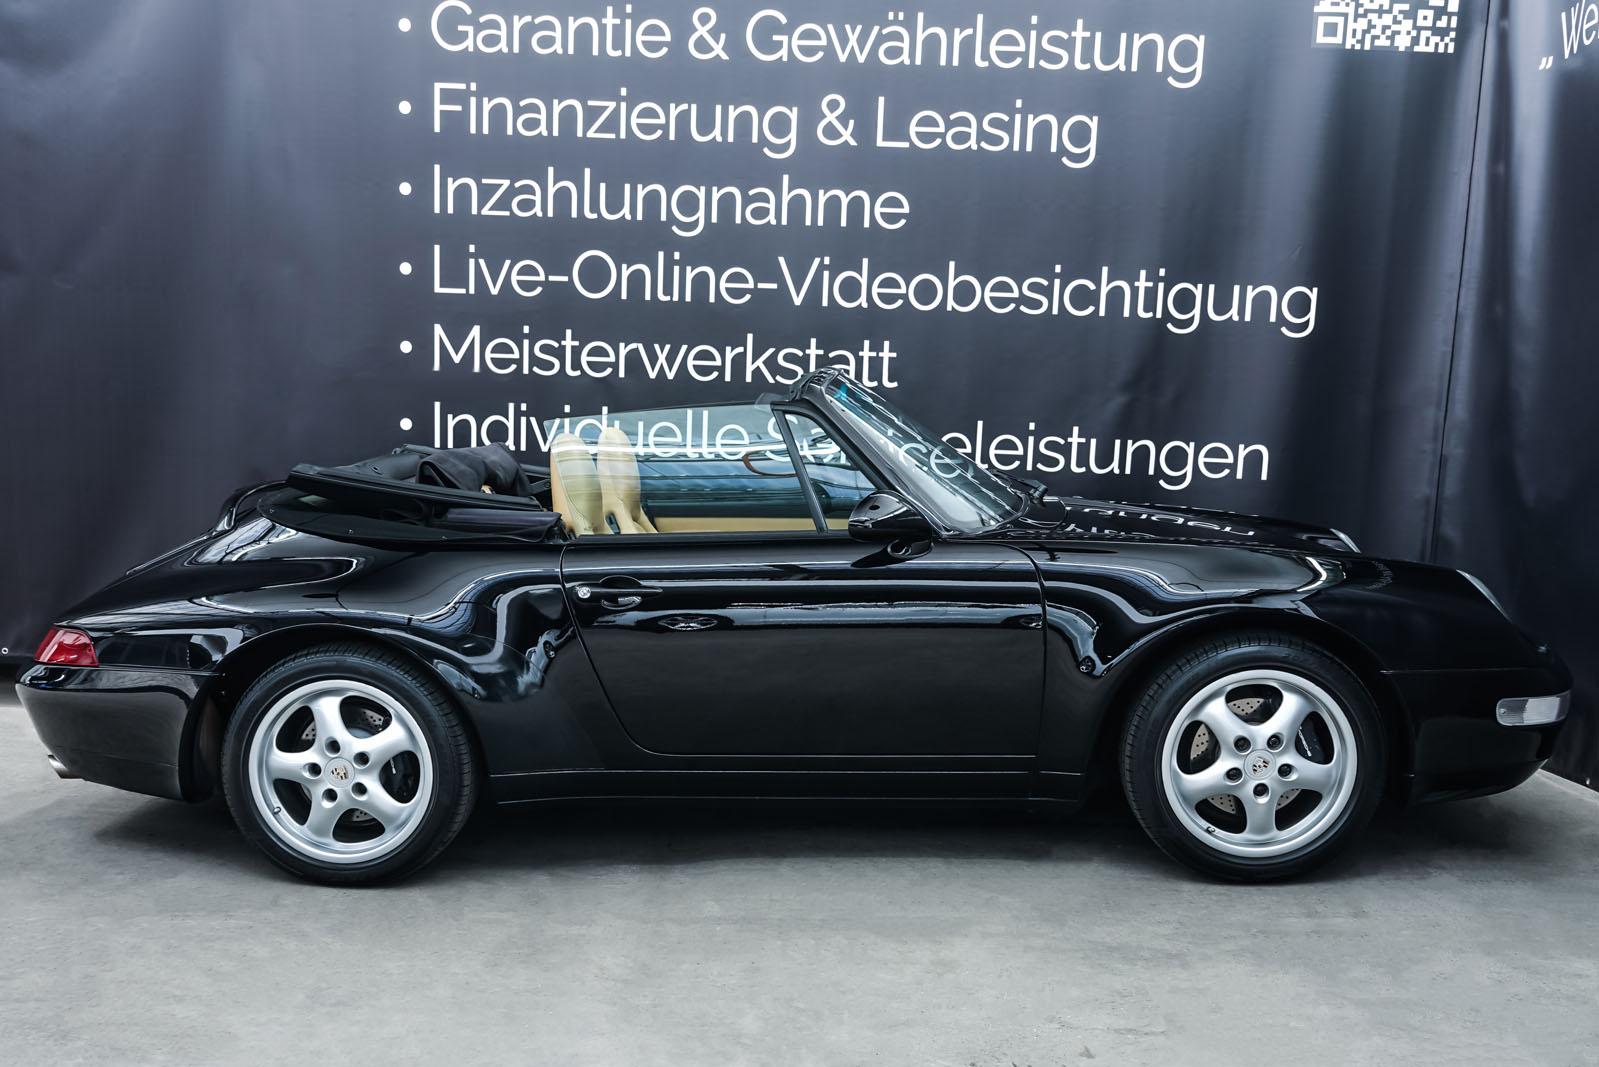 Porsche_993_C2_Cabrio_Black_Beige_POR-0137_18_w